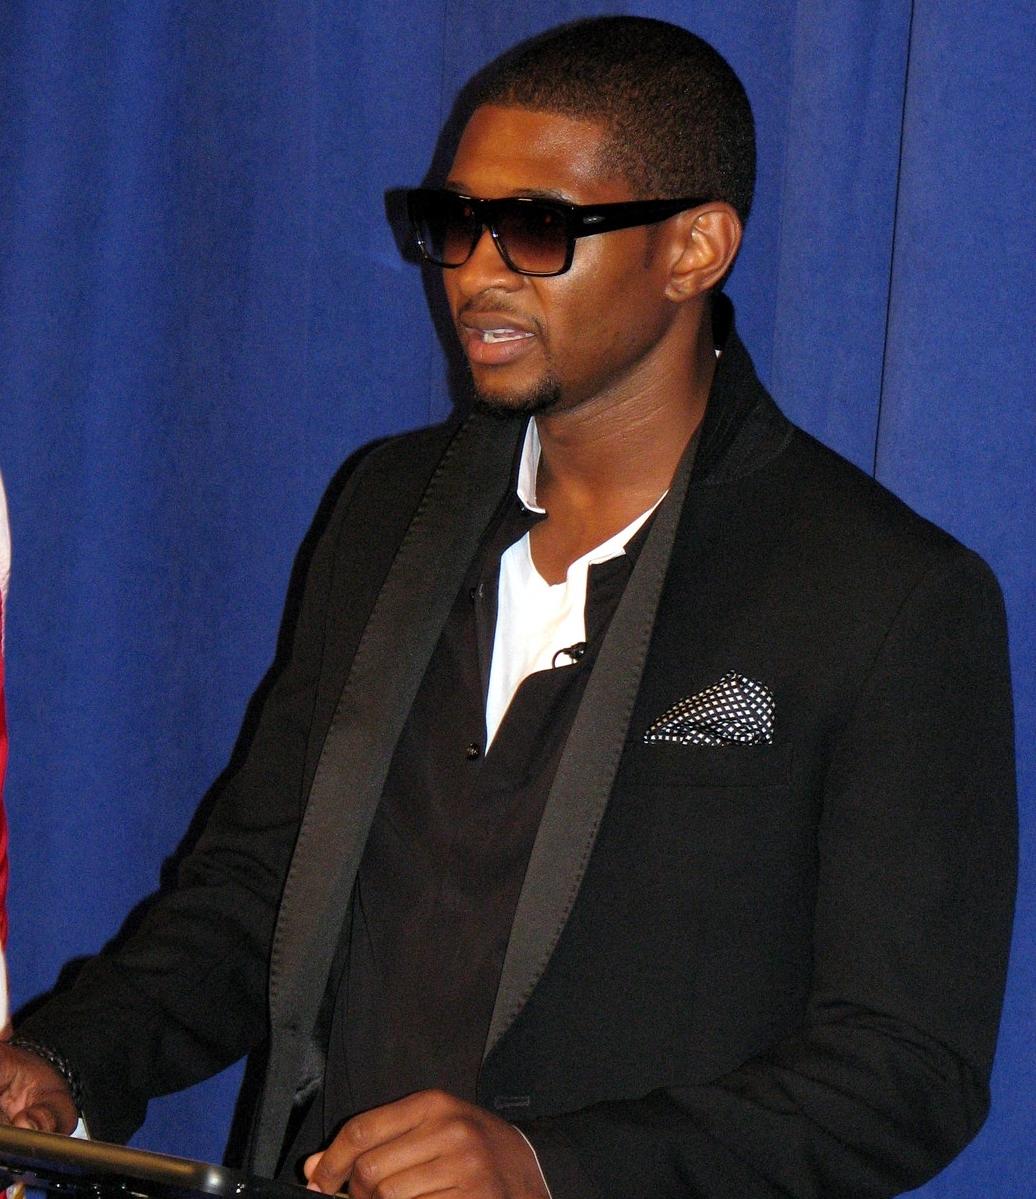 K And R Auto >> Discografia de Usher – Wikipédia, a enciclopédia livre